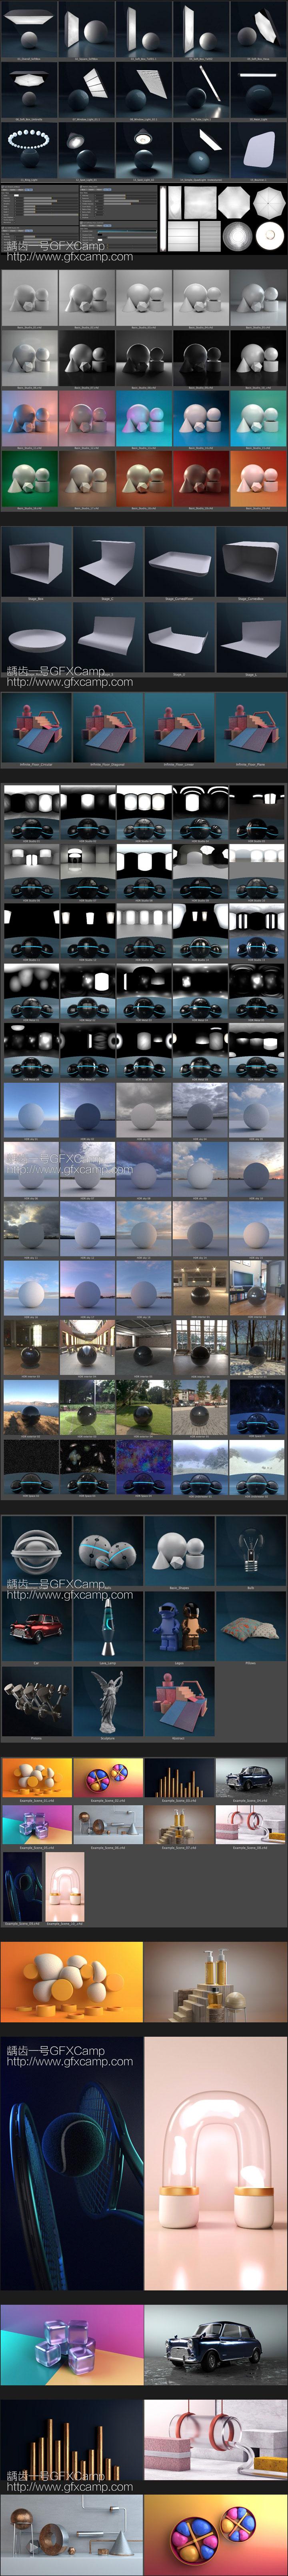 C4D阿诺德渲染器摄影棚舞台环境场景灯光预设